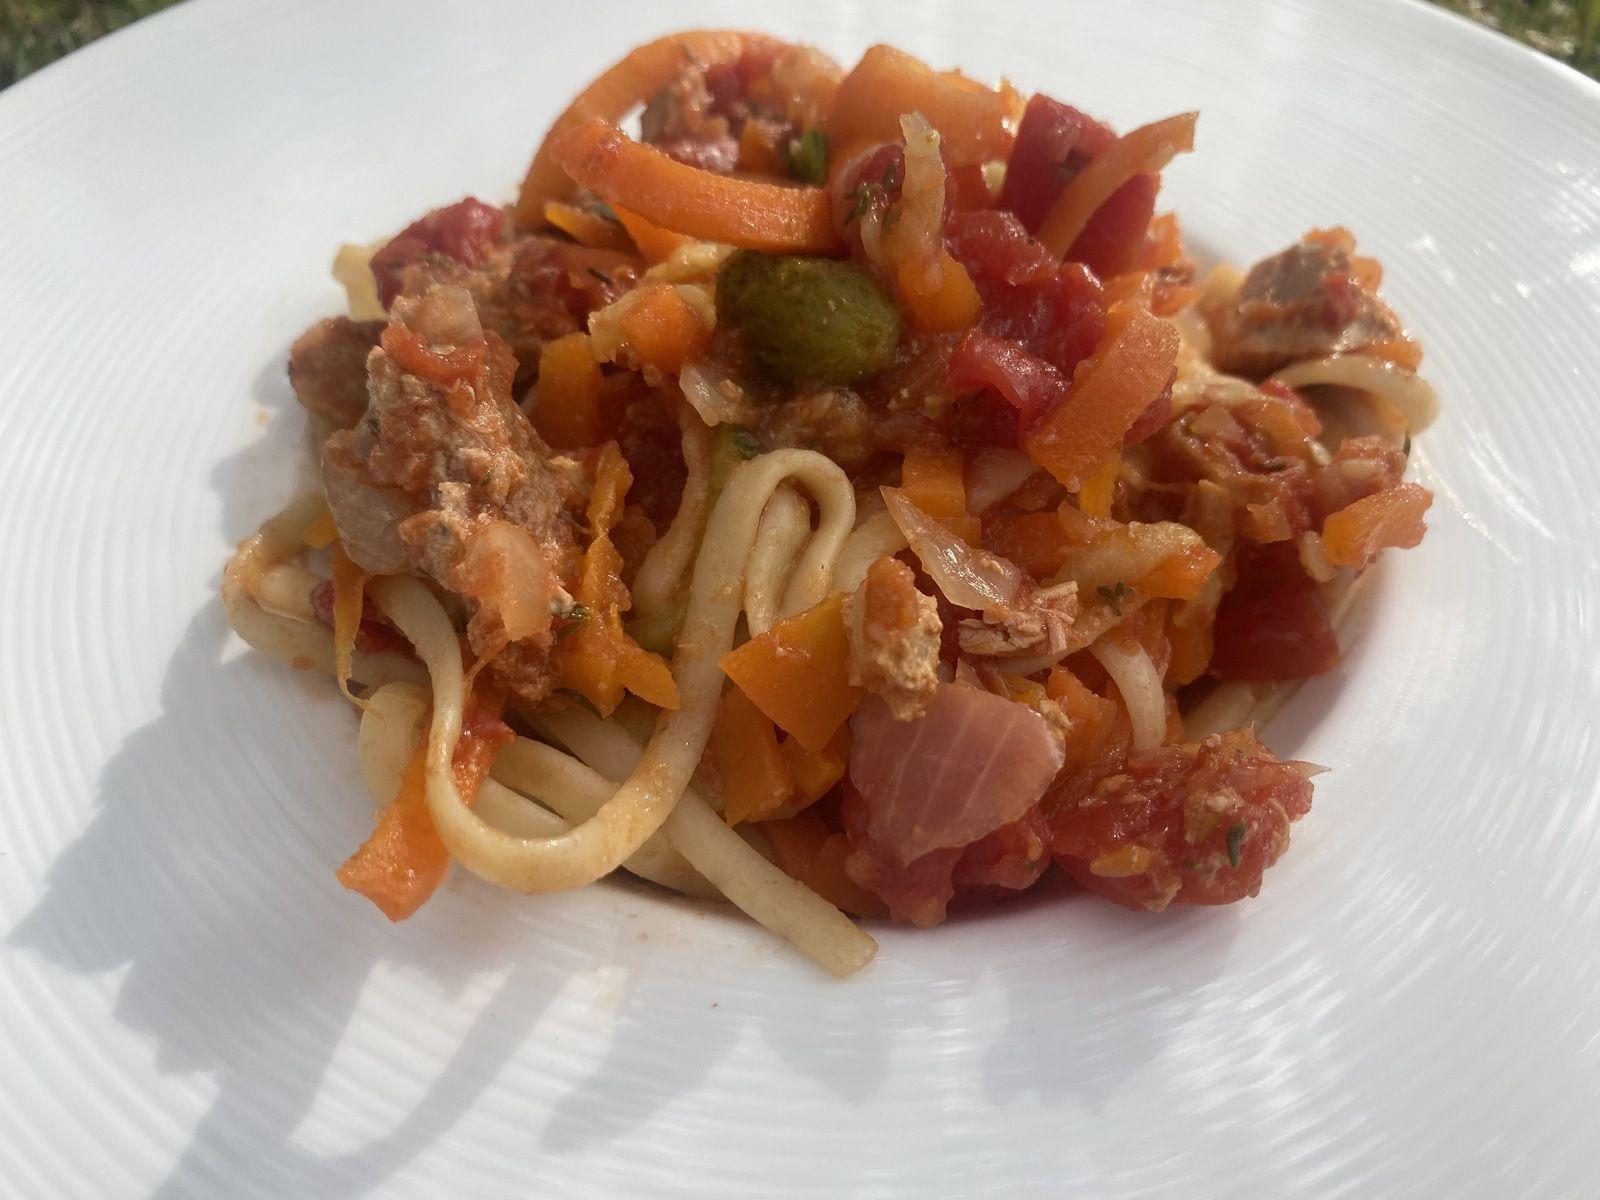 Spaghettis au thon comme une bolognaise 7💚💙💜